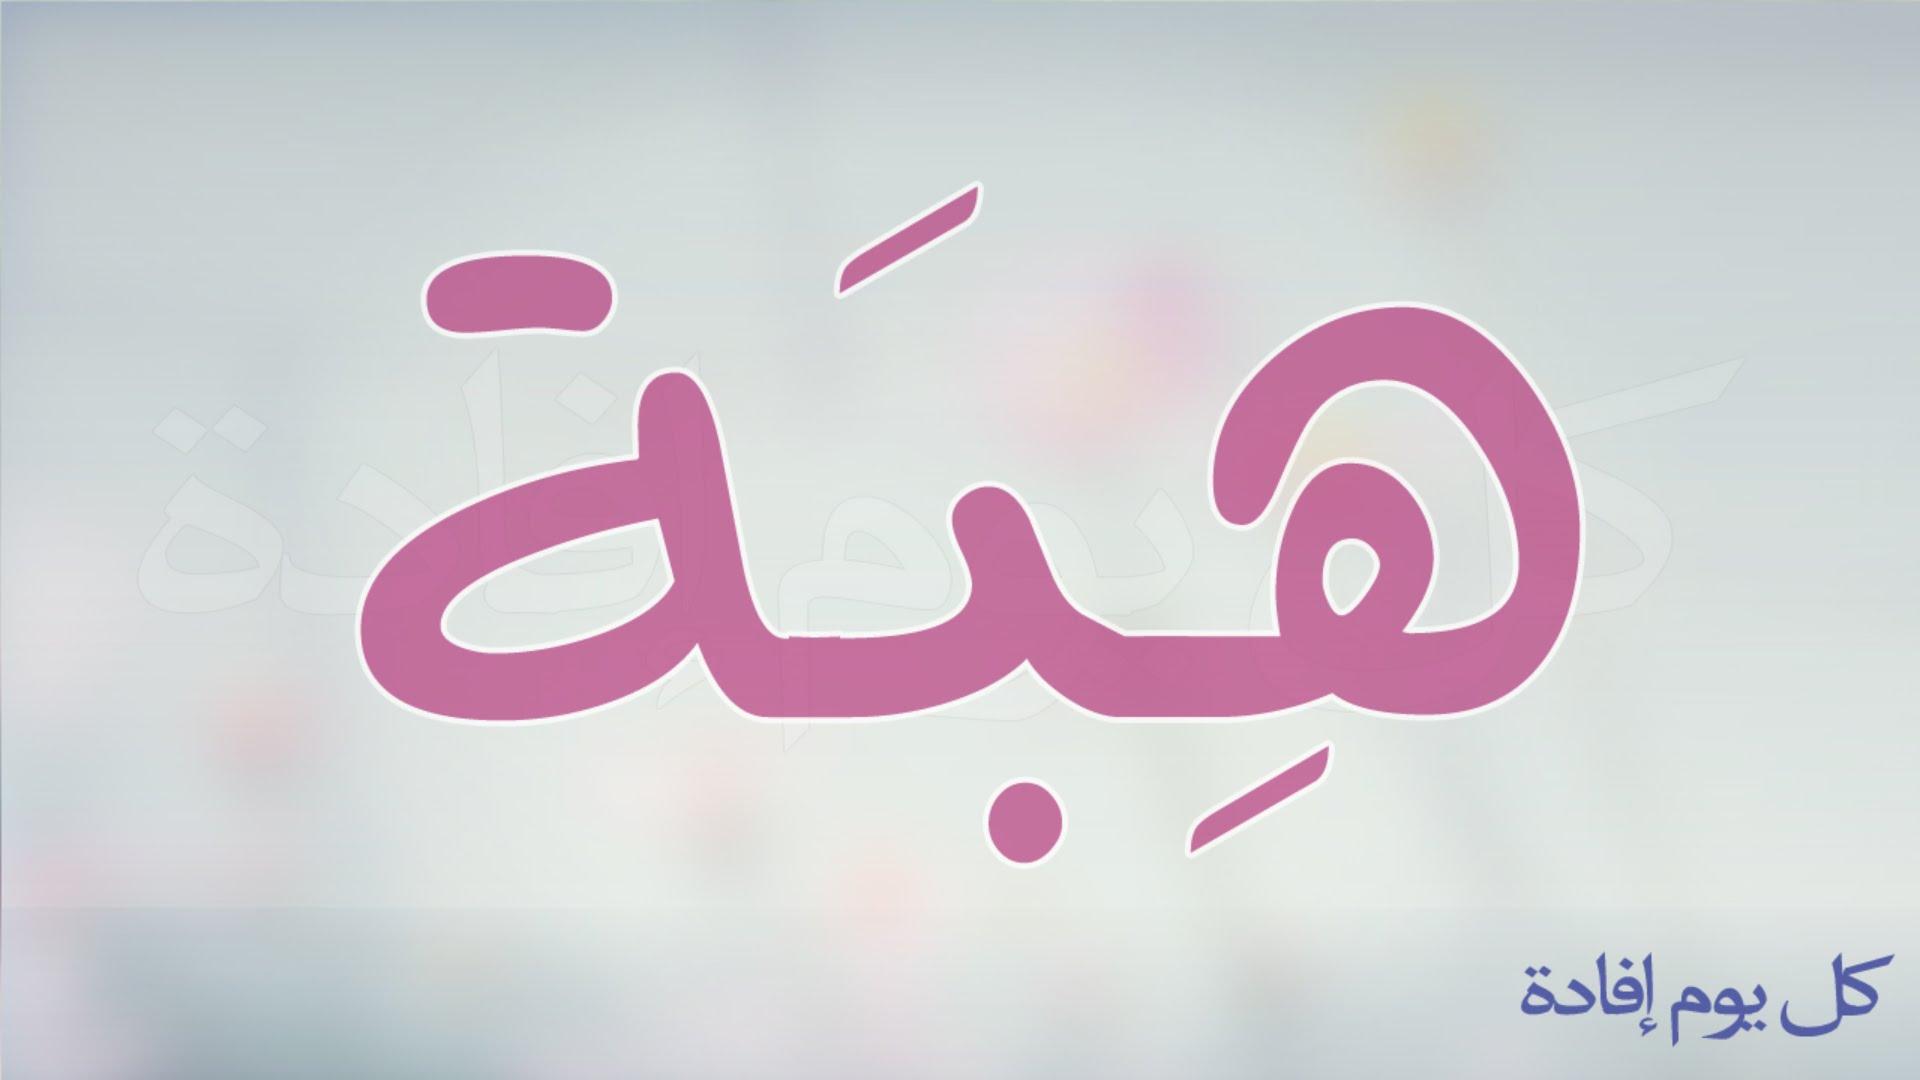 صوره معنى اسم هبة , ماهى المعانى المميزه لاسم هبة